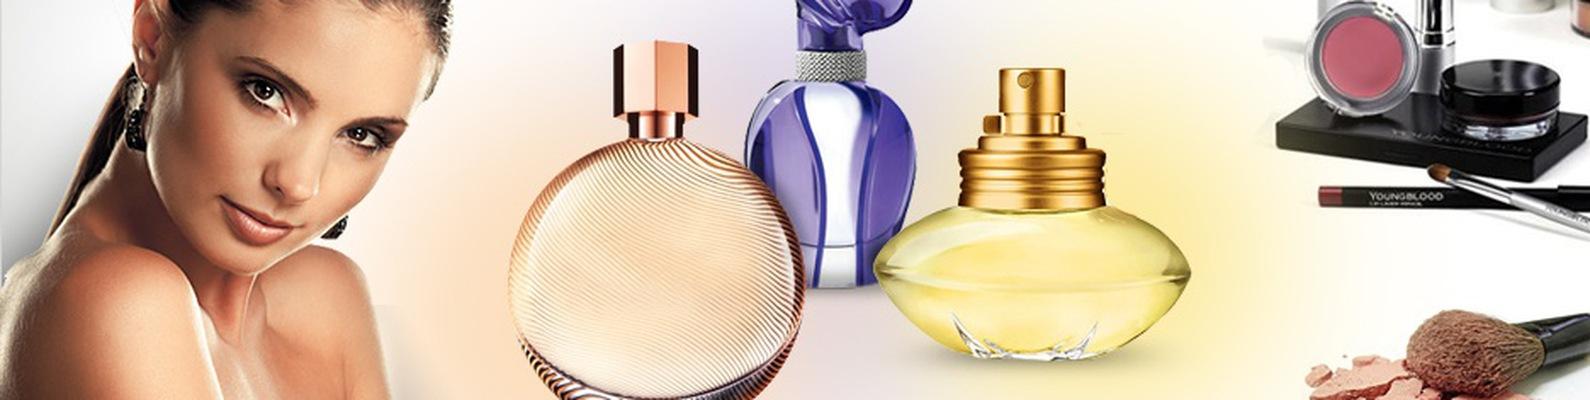 реклама косметики и парфюмерии картинки зулусов